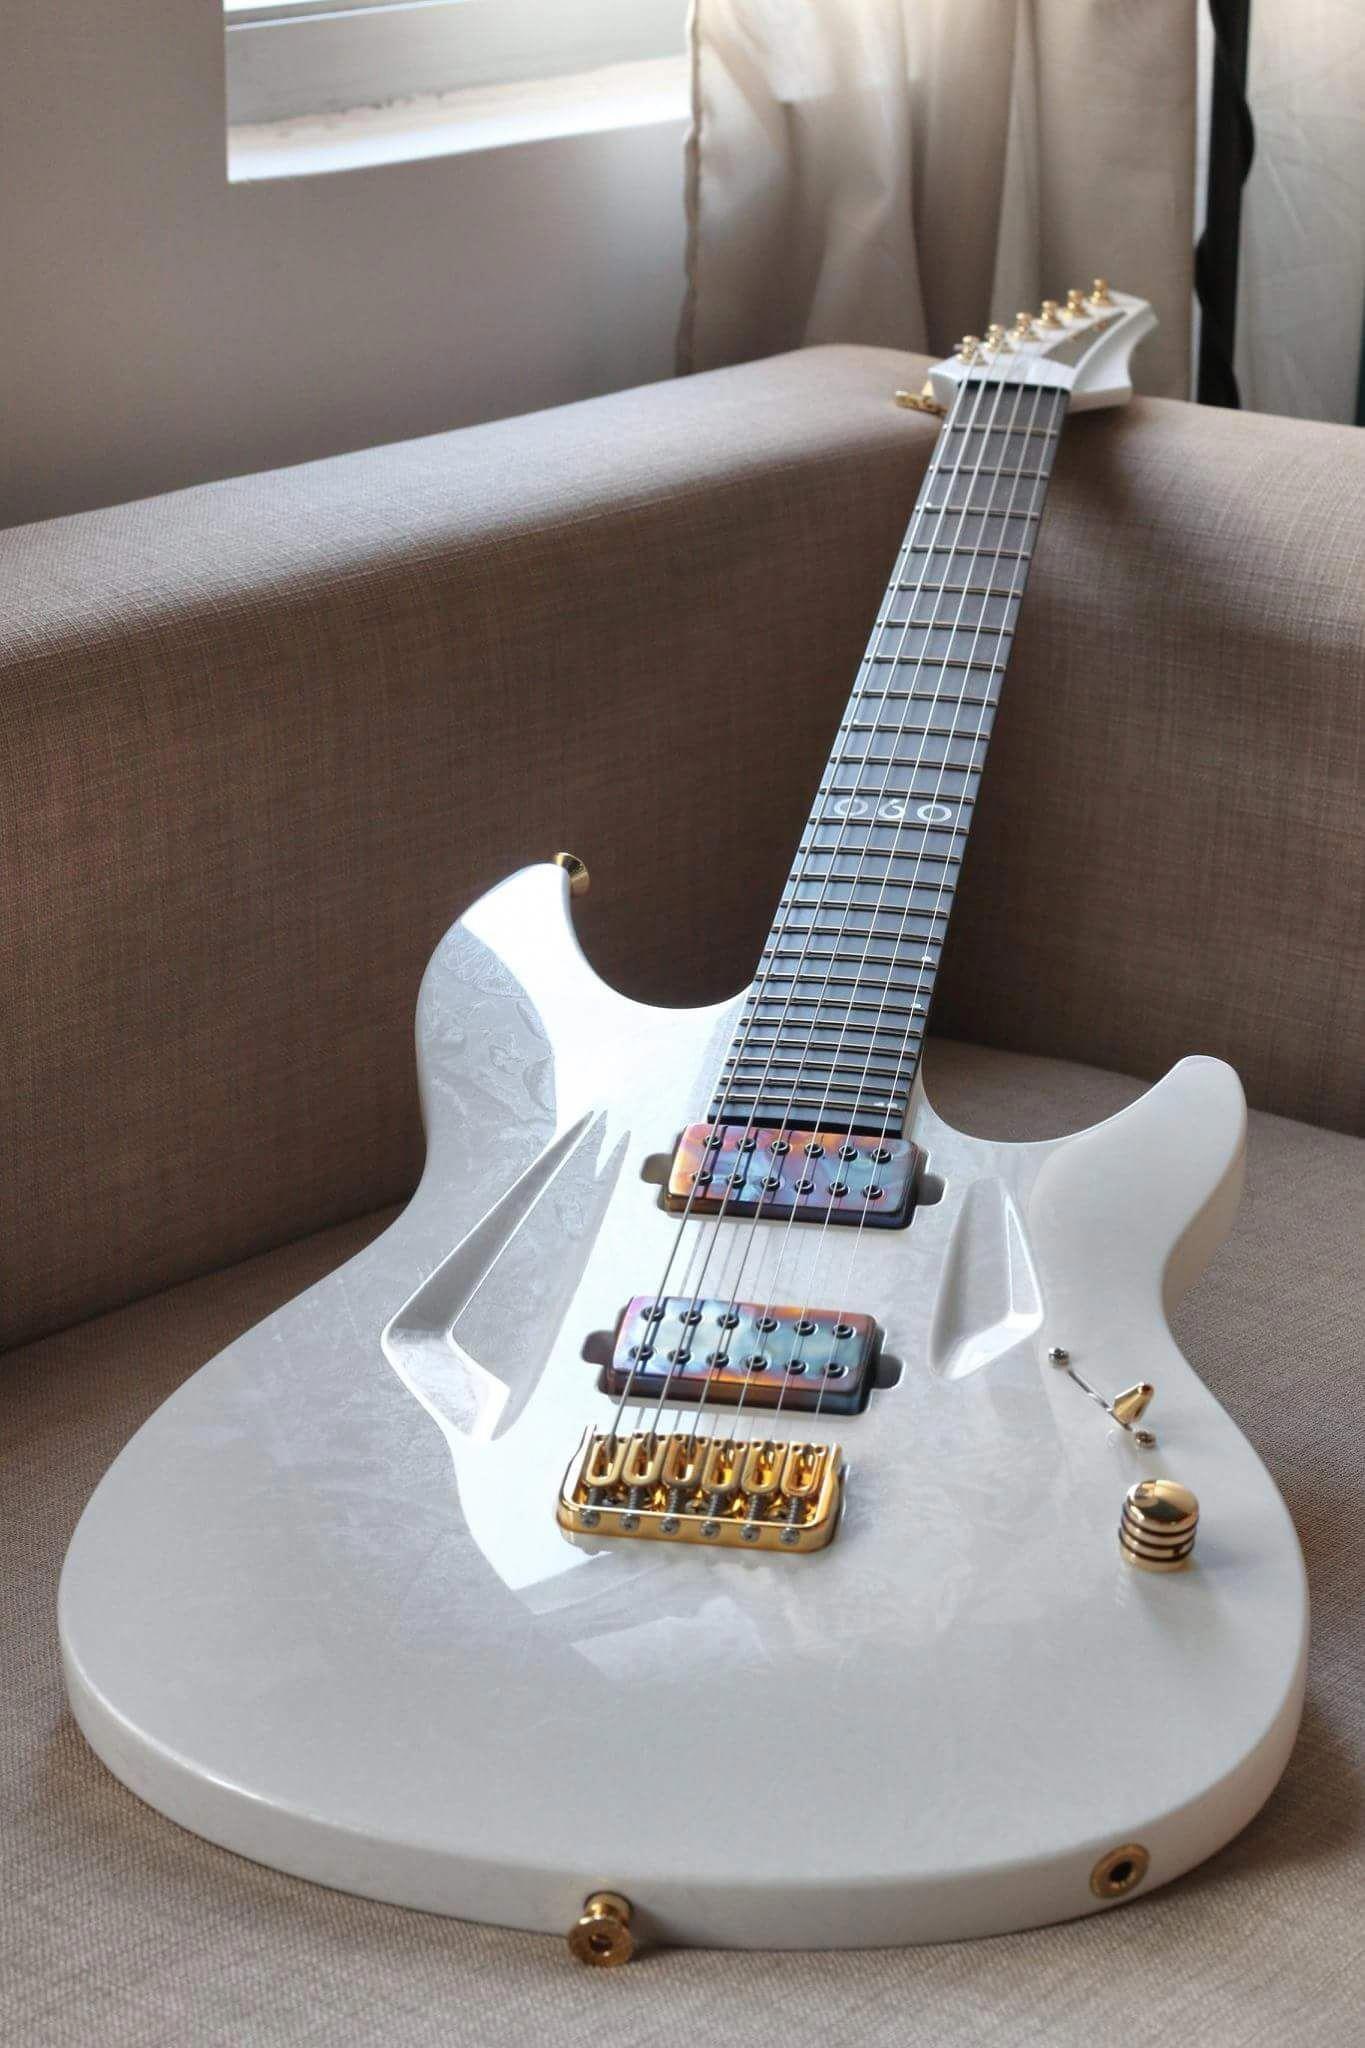 Guitar Strings Electric 9 Gauge Guitar Strings Nylon Set #guitarrista #guitarsecret #GuitarStrings #customguitars